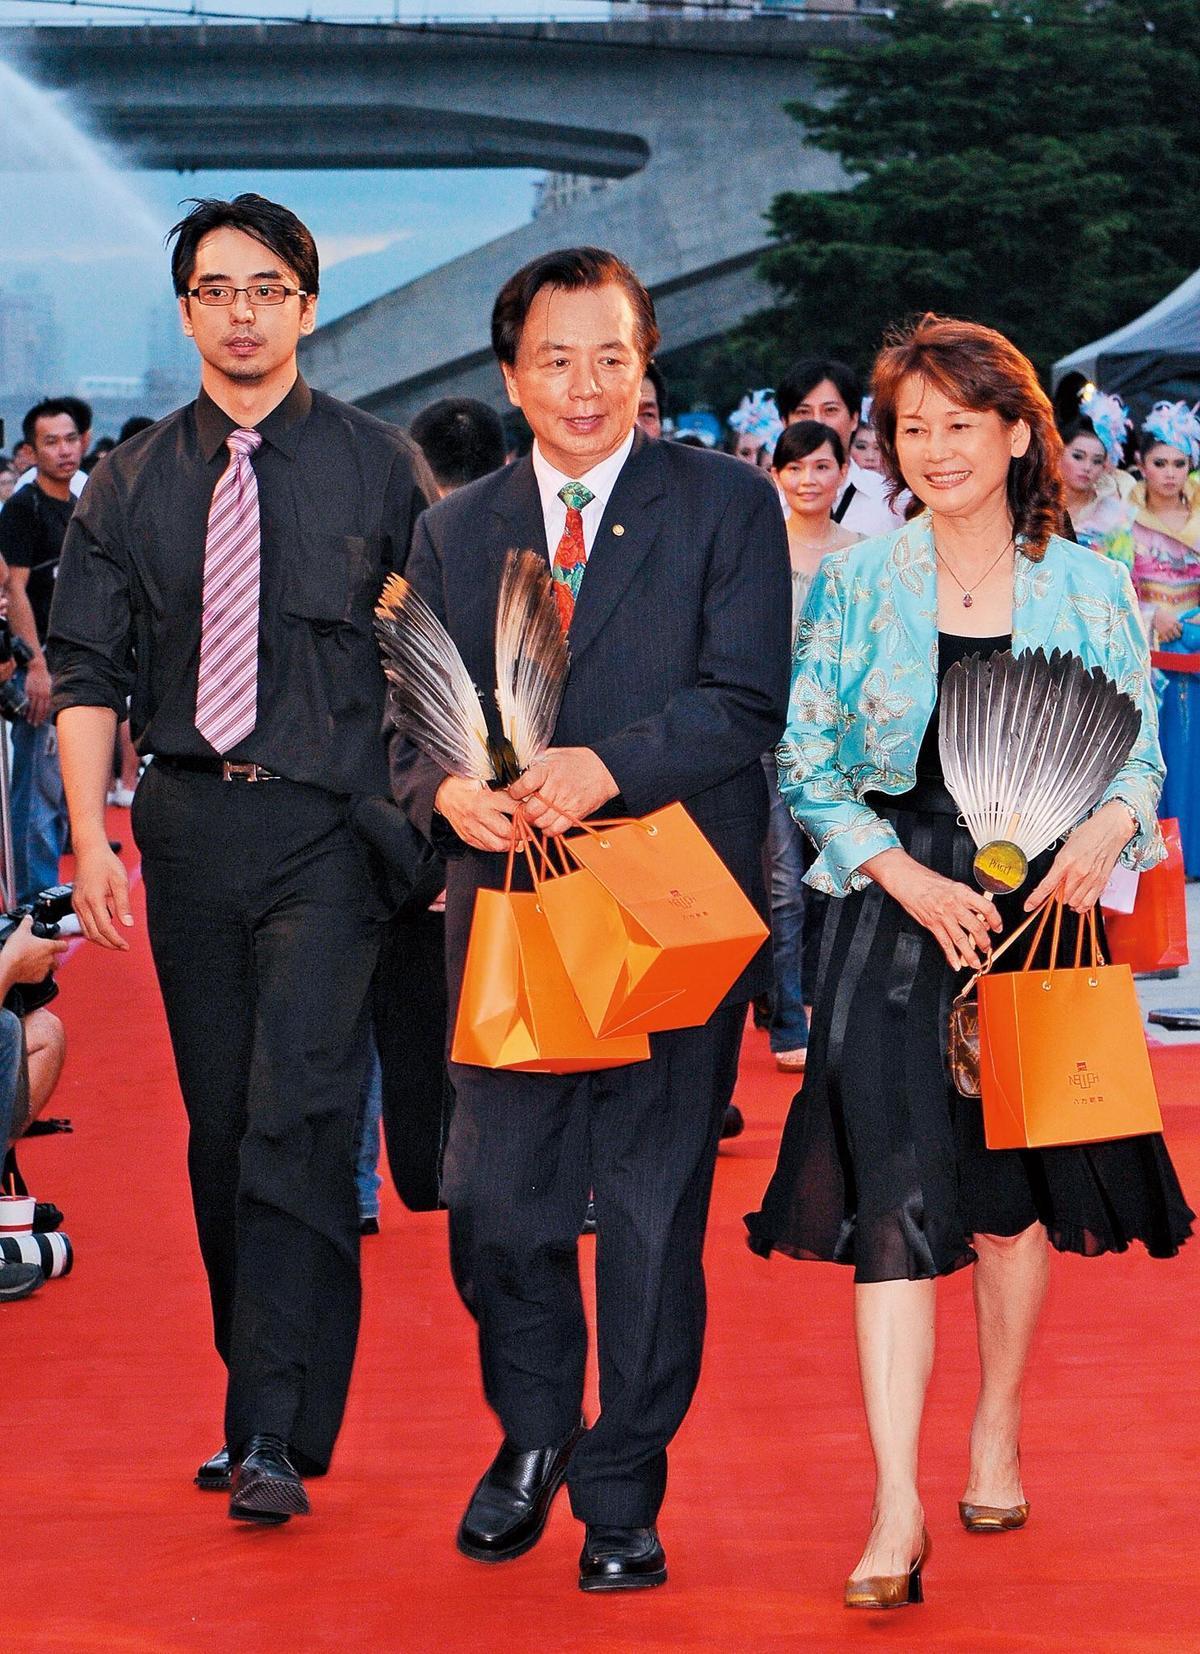 林志玲的爸媽、哥哥(左)都對她的孕事噤聲,不過多年來一家人也算盼得她的喜事,雖然目前沒辦公開婚宴的打算。